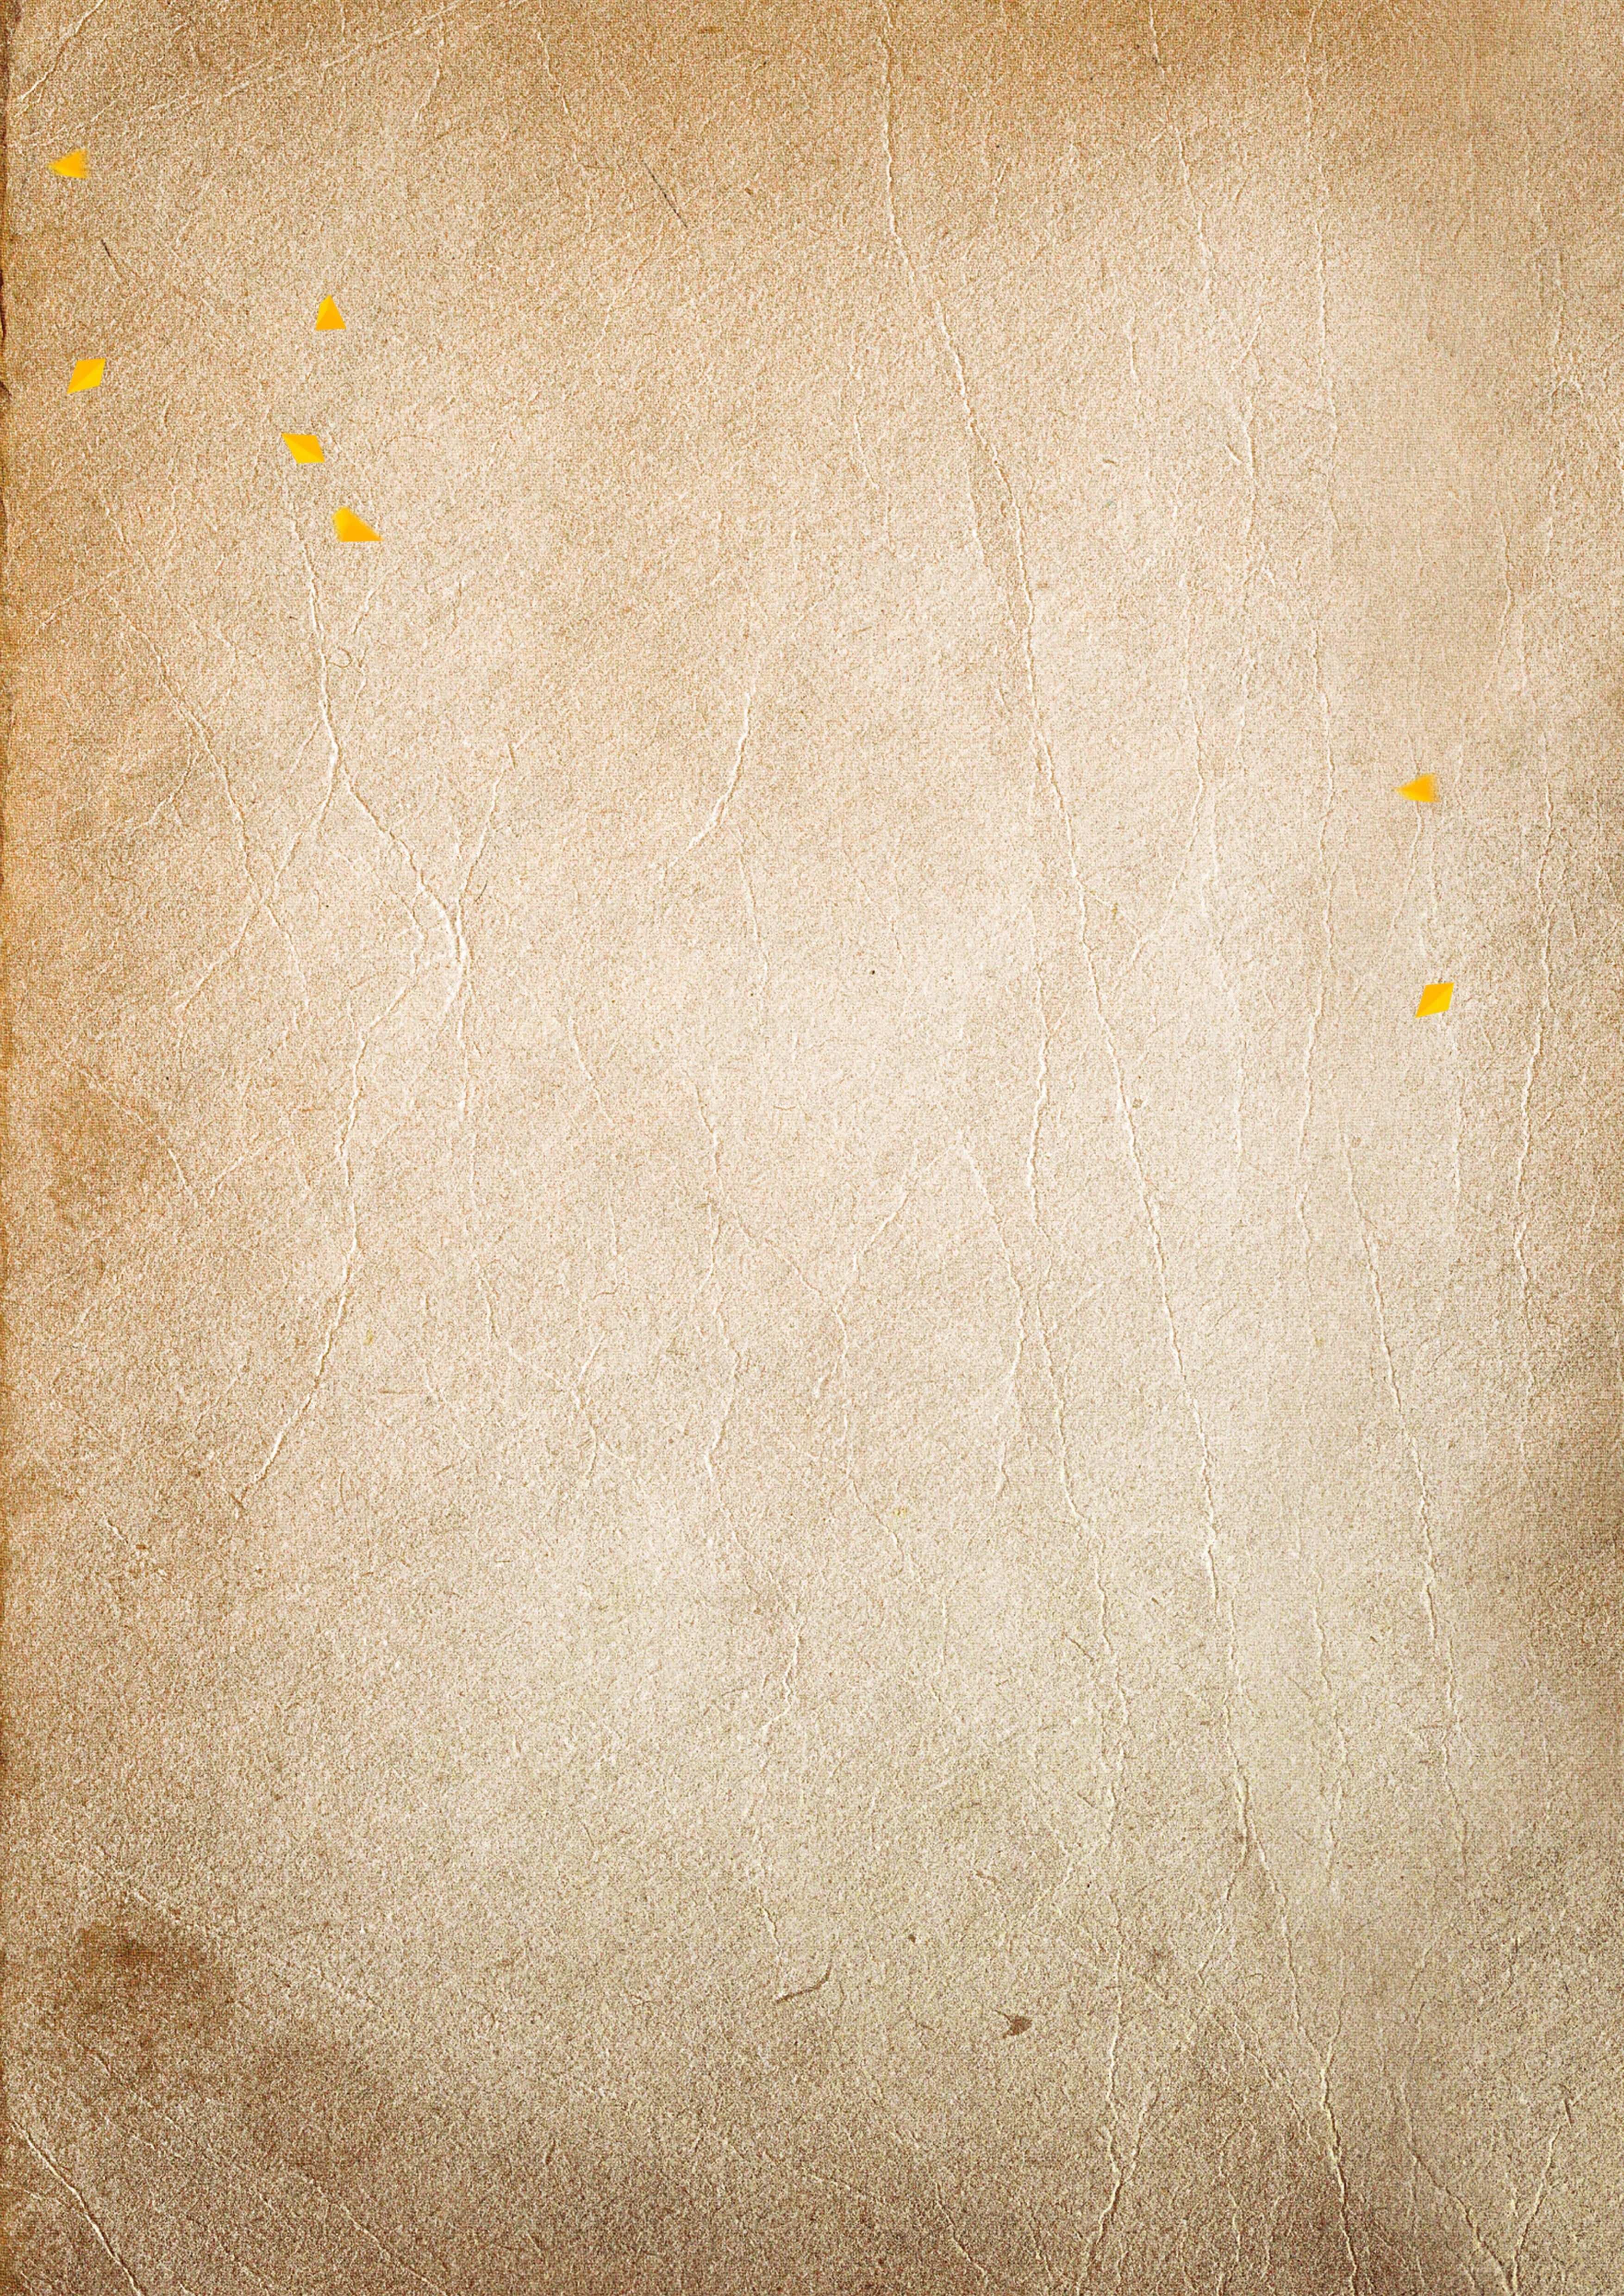 Ab Antike Jahrgang Alte Hintergrund Lichter Hintergrund Leinwand Hintergrund Hintergrund Farbe